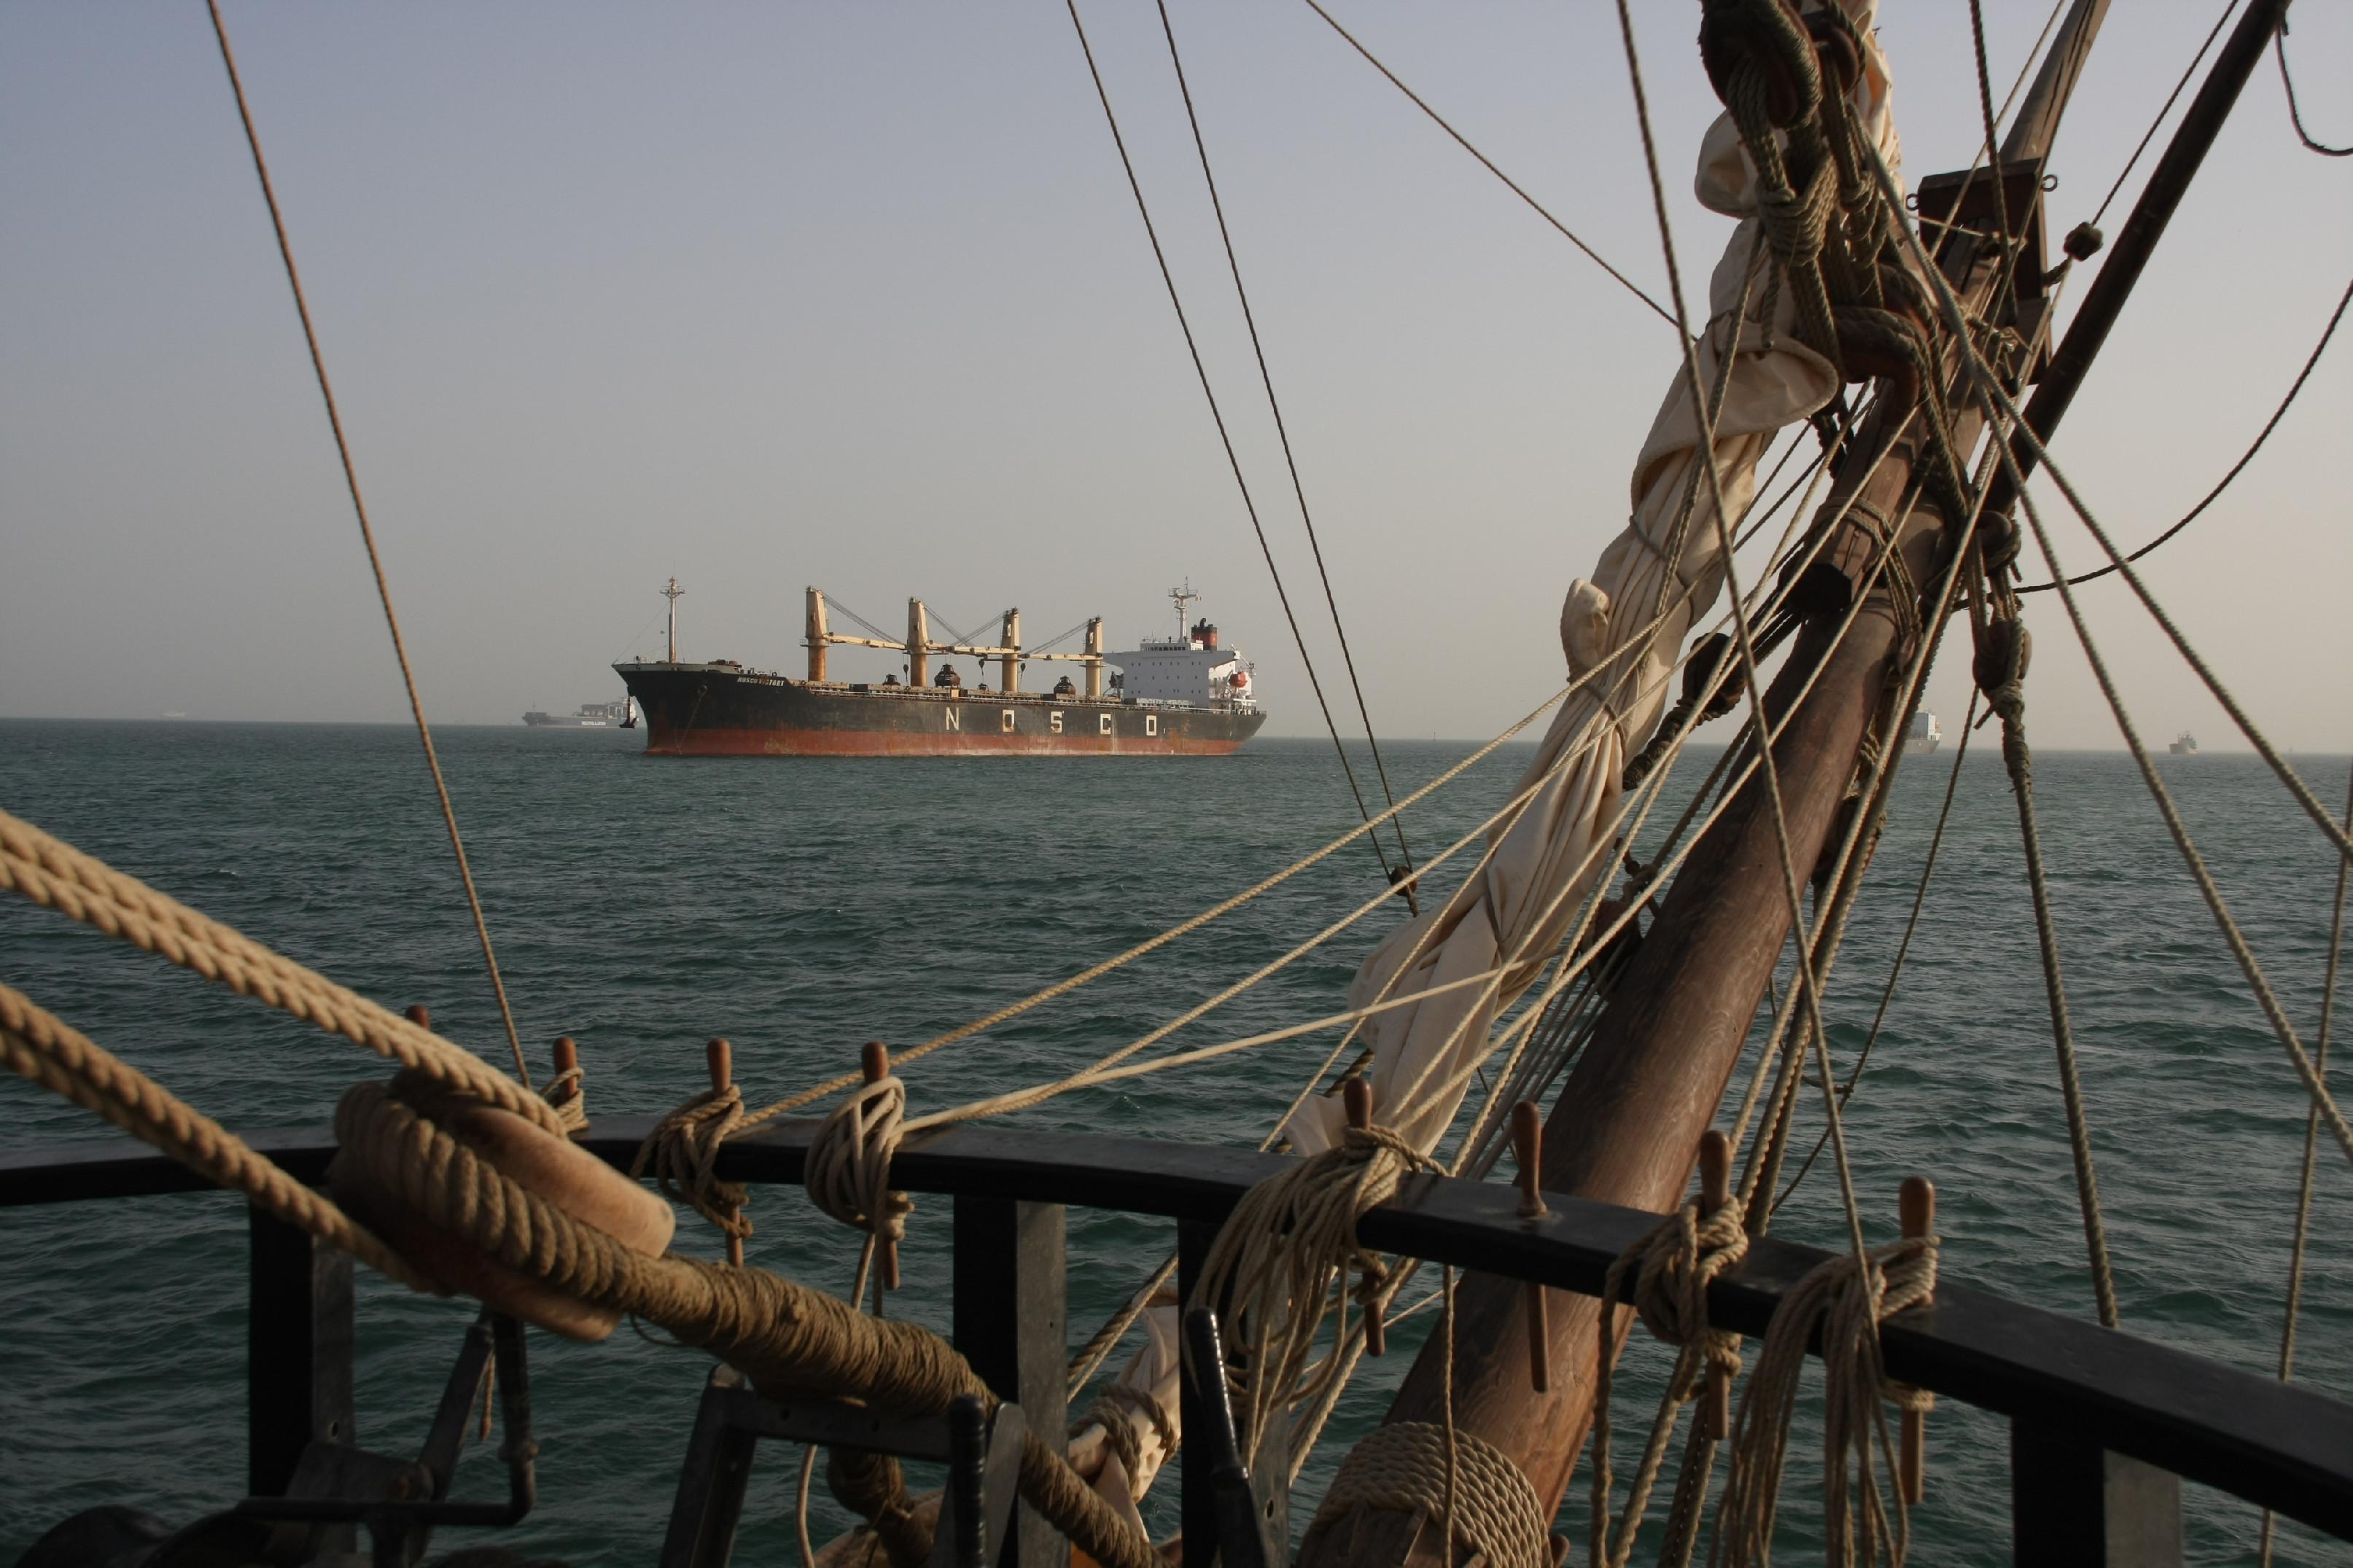 Námořní záležitosti